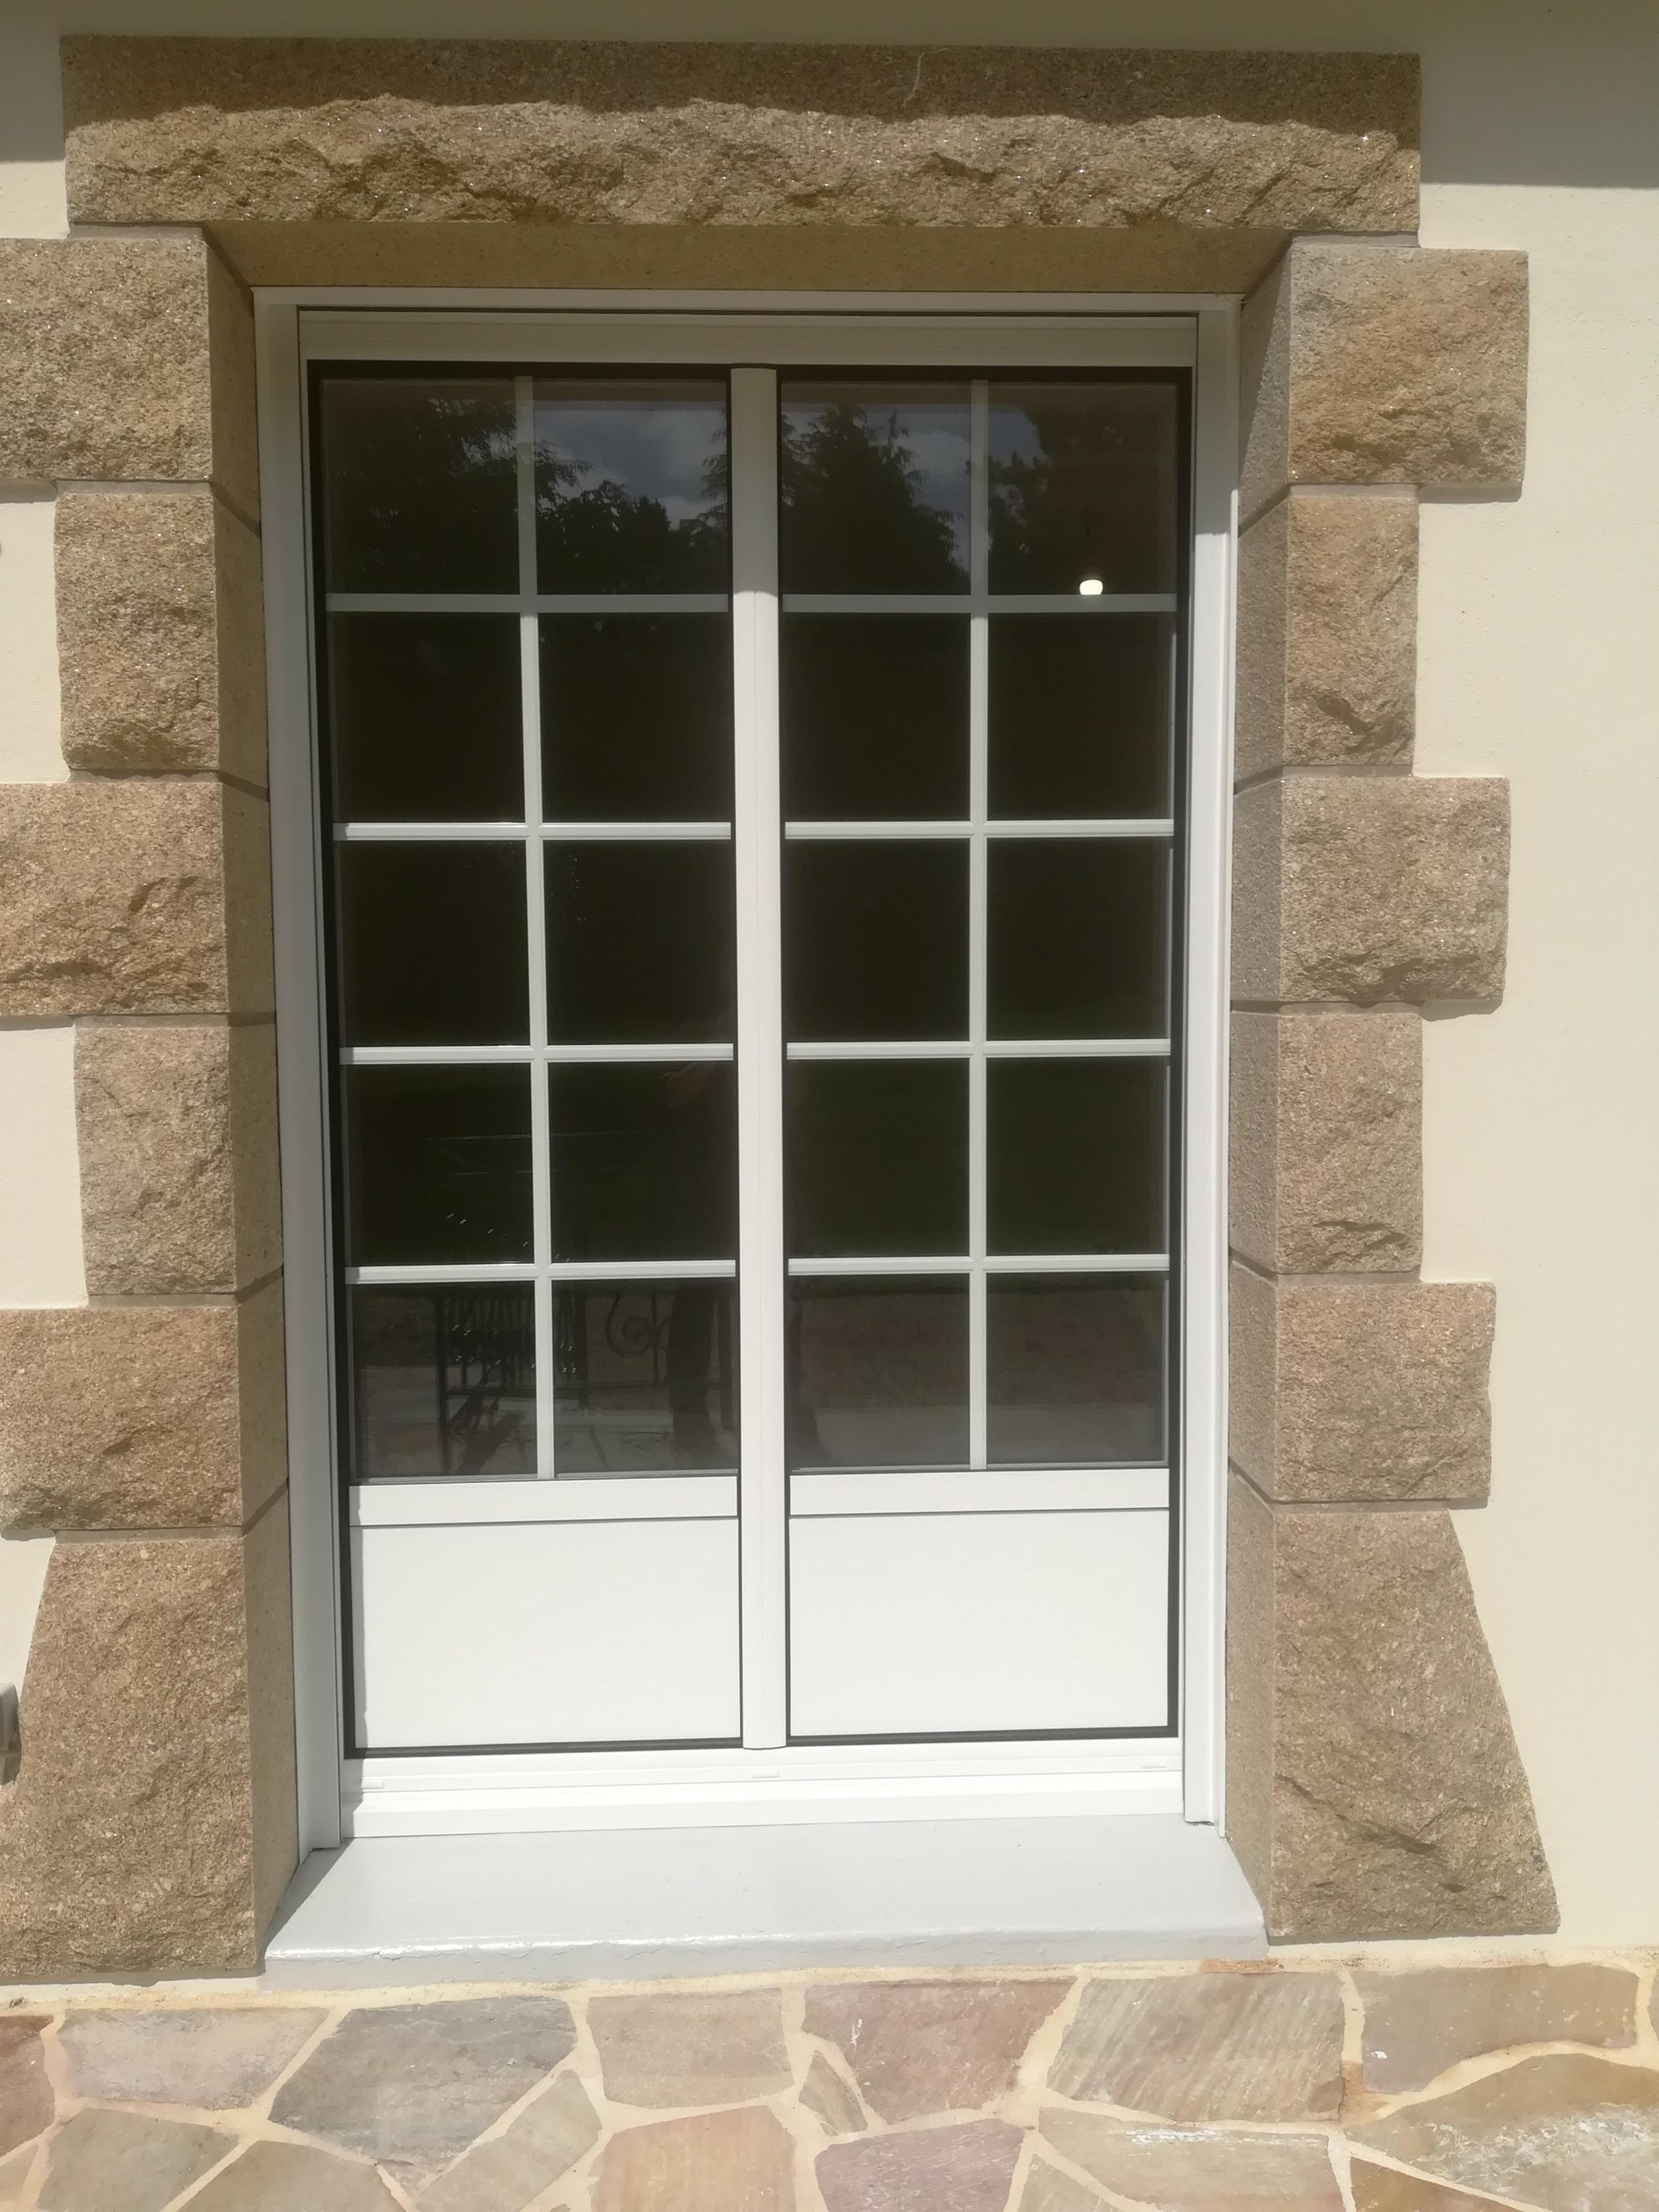 Porte-fenêtres avant / Porte fenêtre alu après